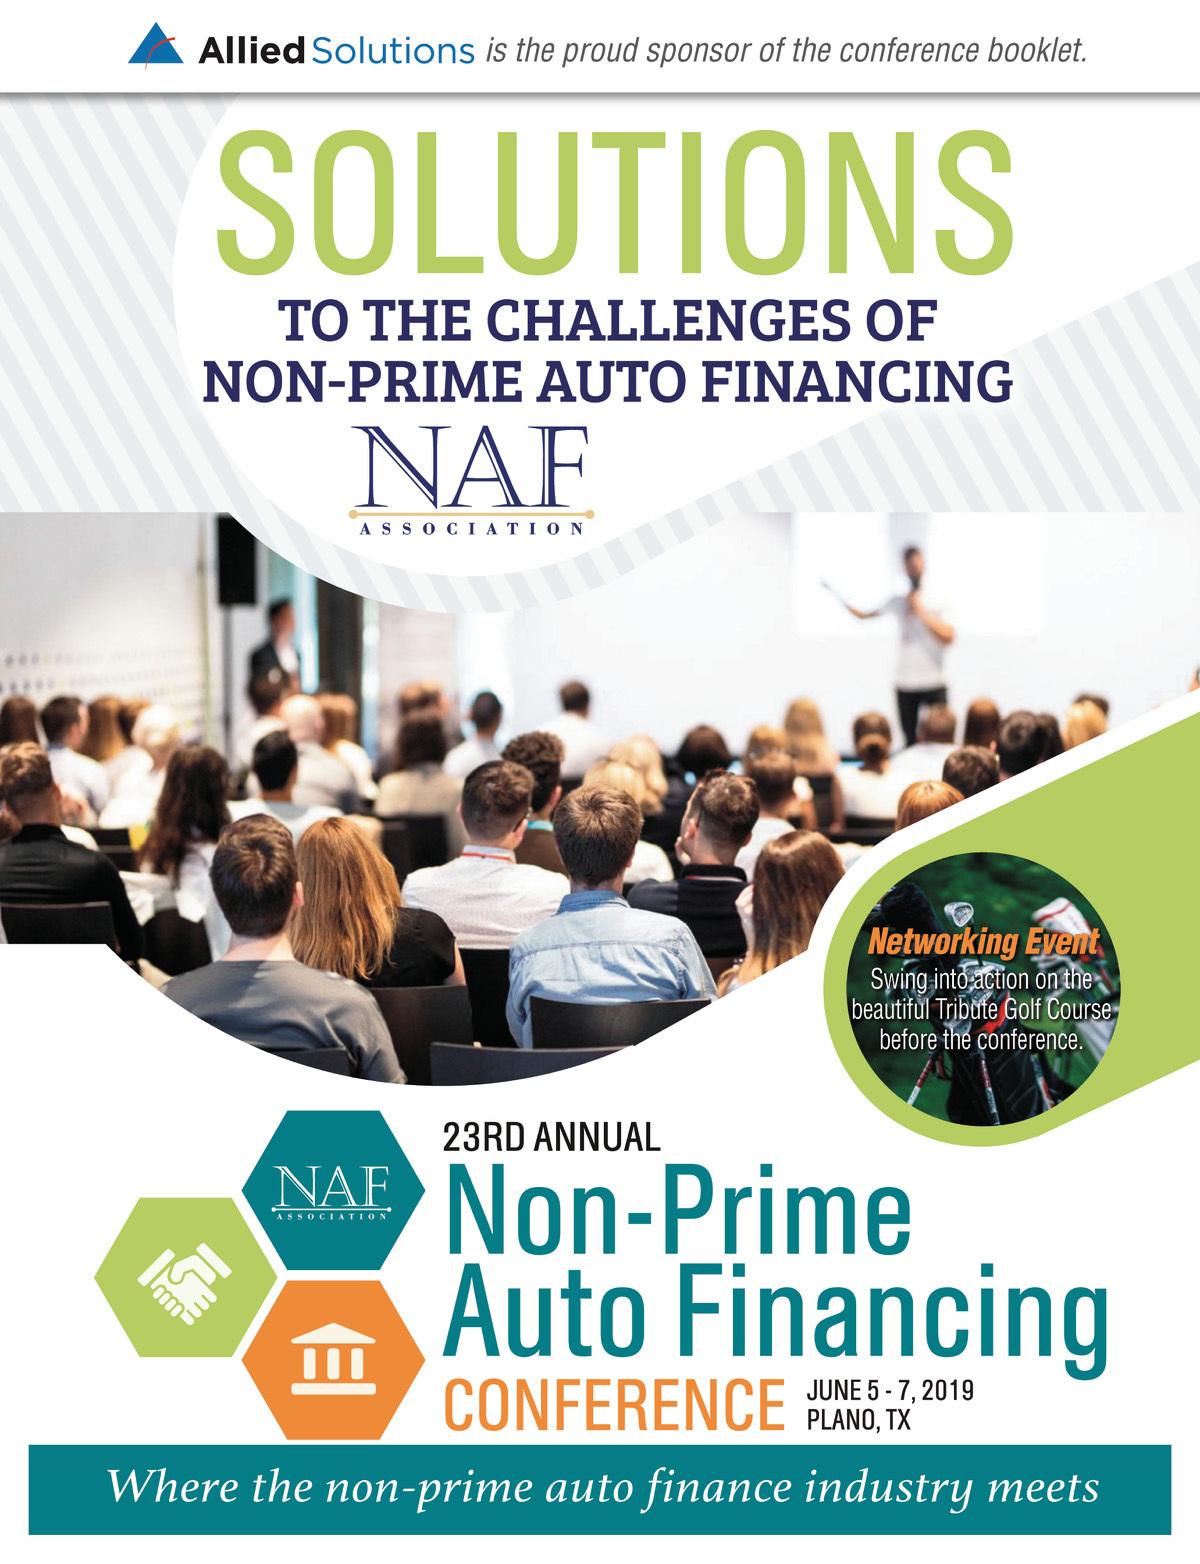 Naf Association Naf Conference Booklet 2019